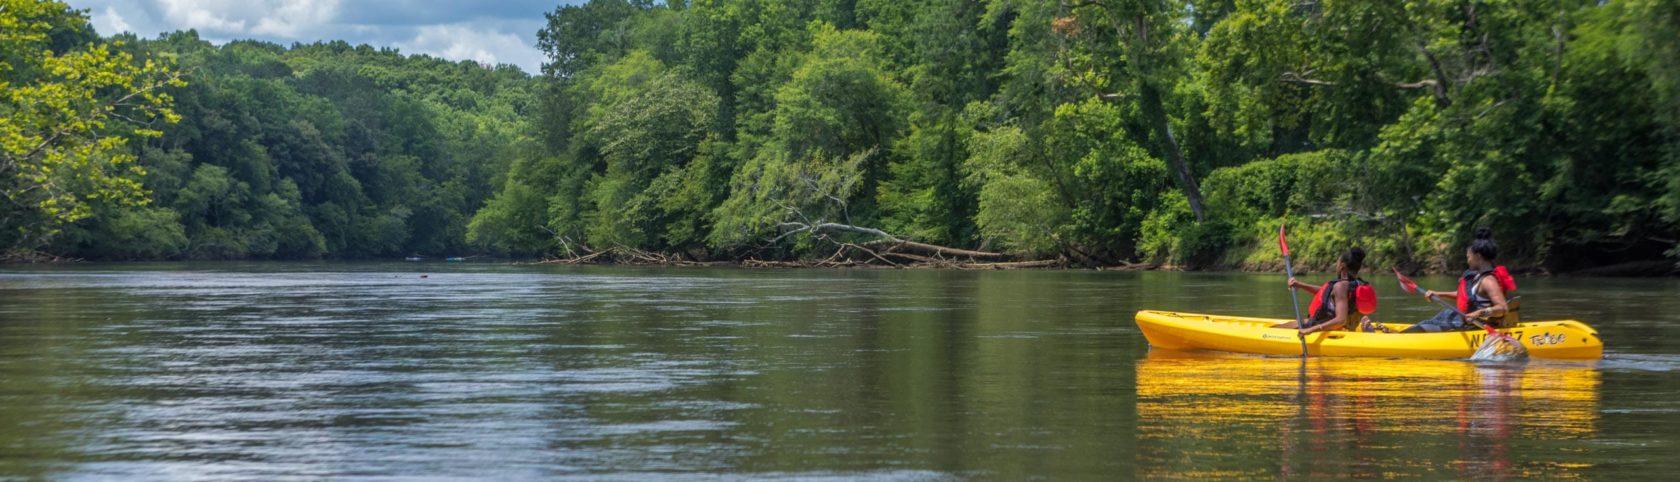 Two girls kayaking in Chattahoocee River